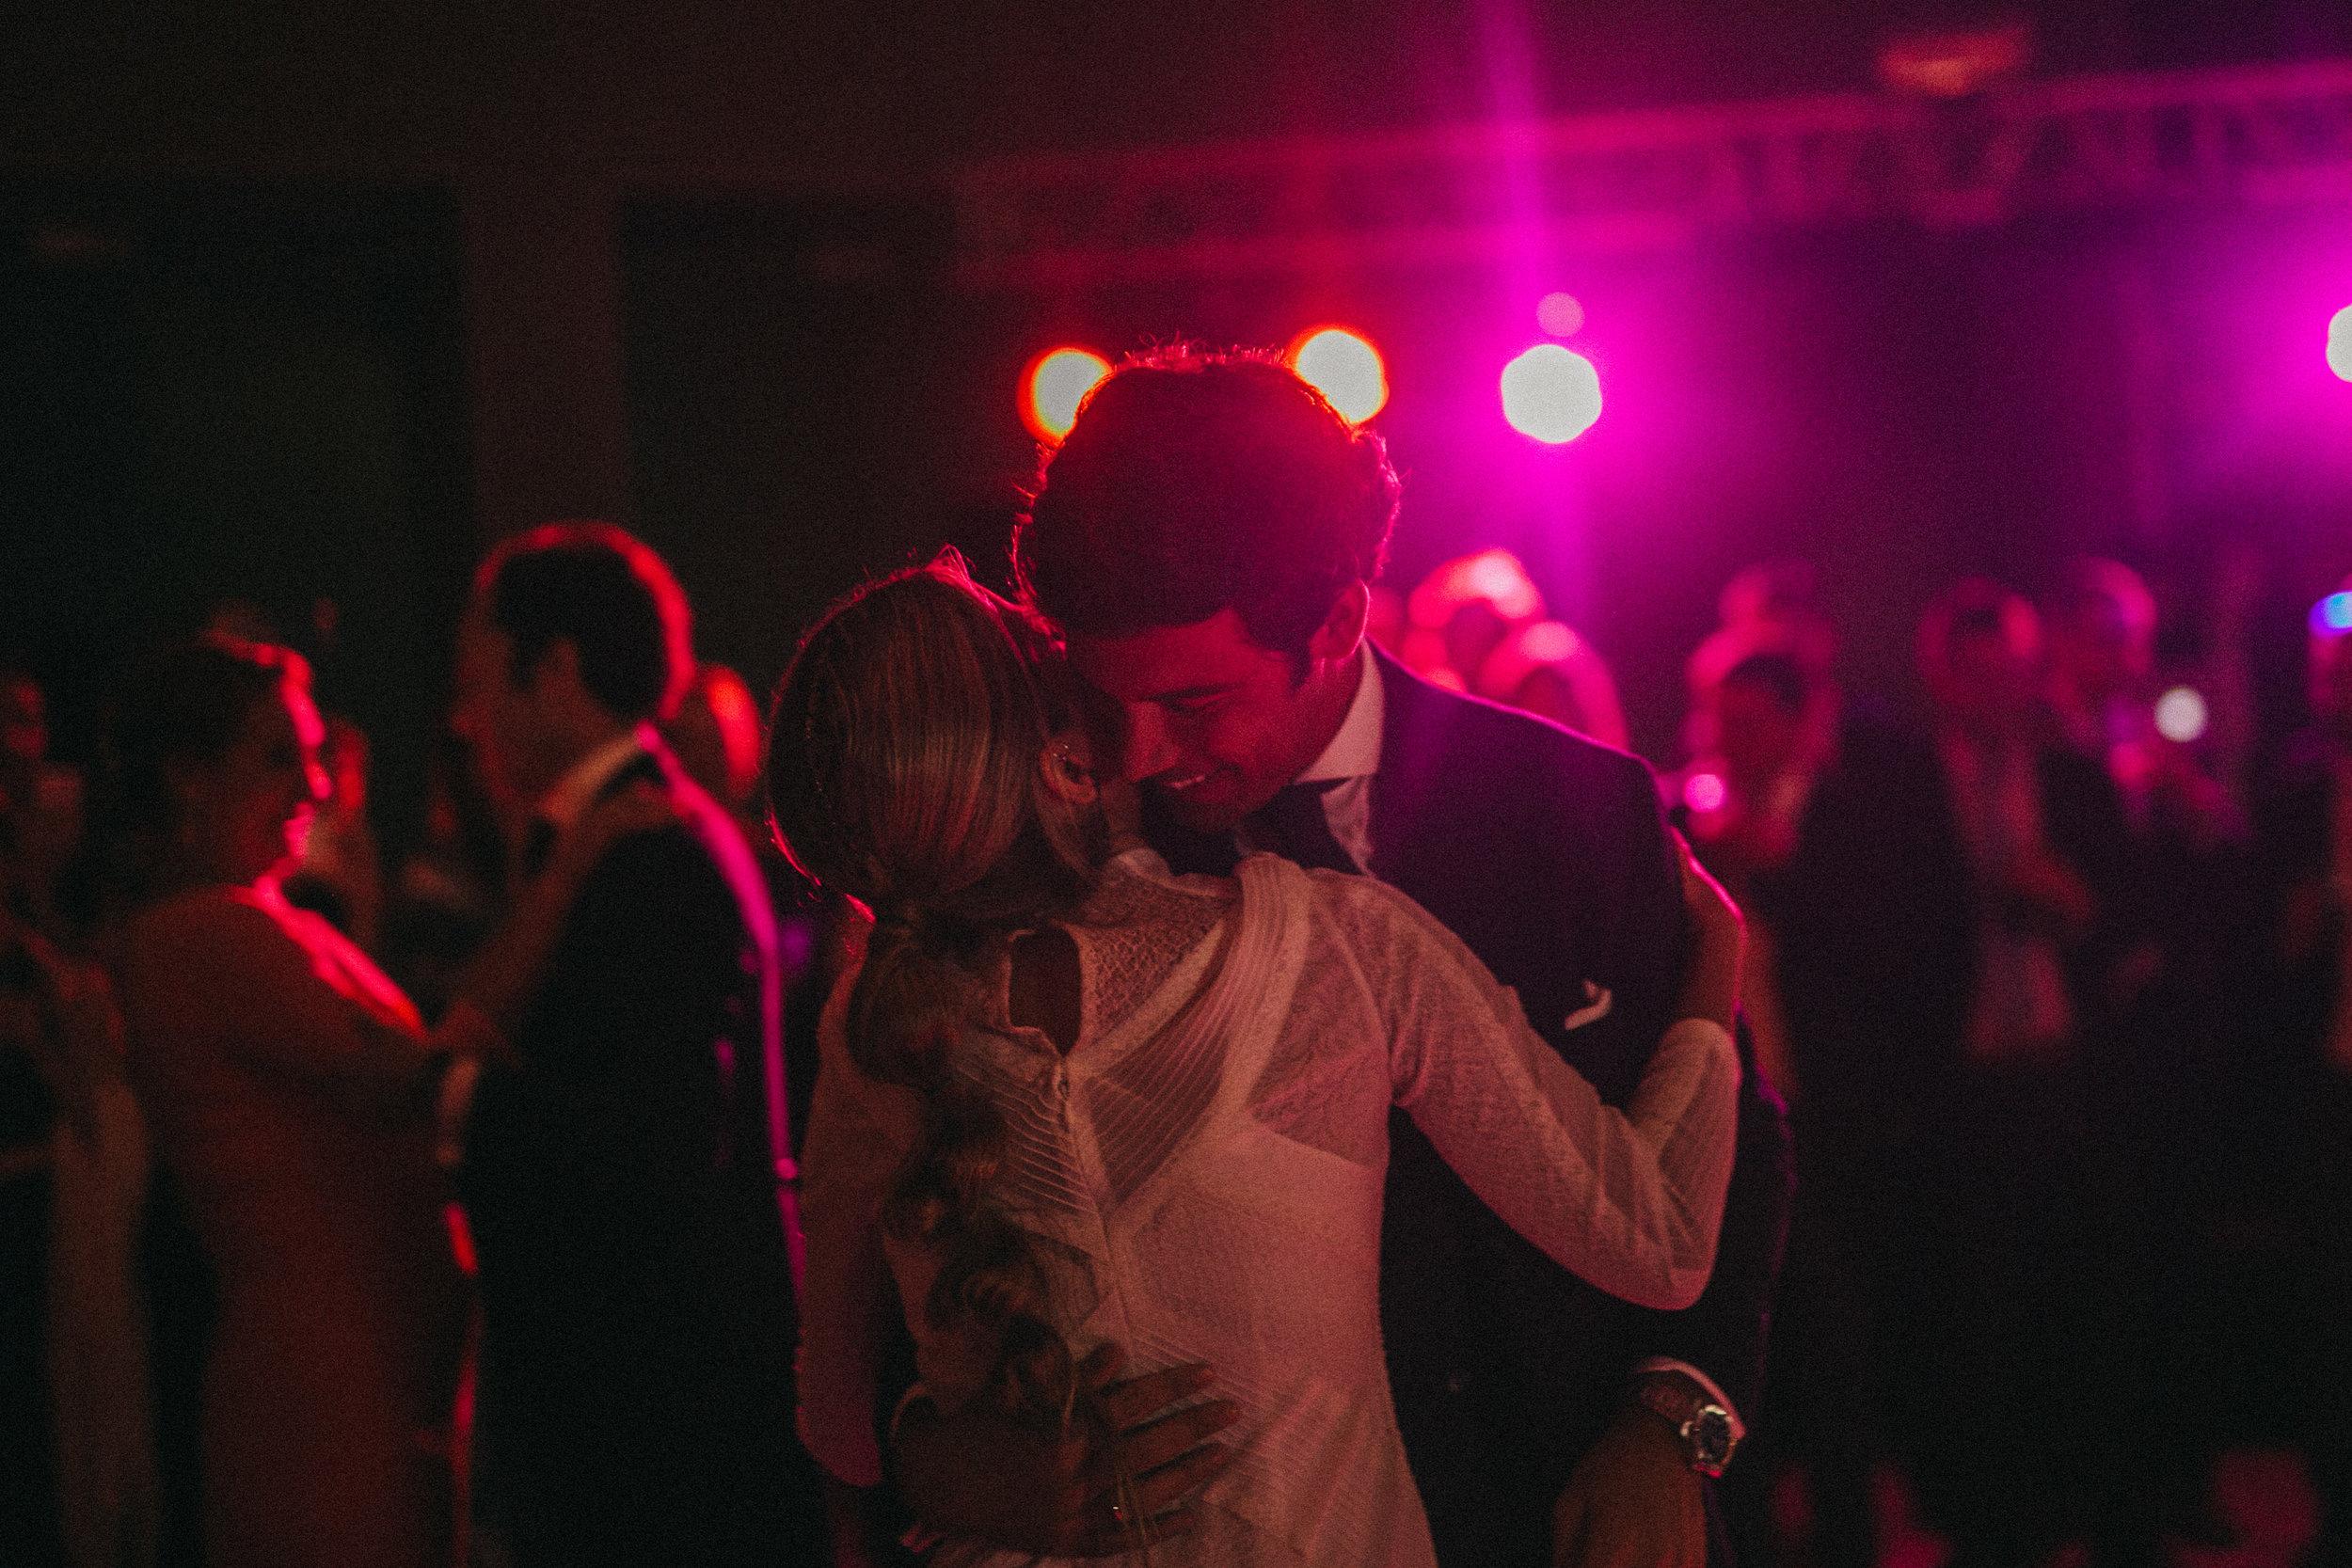 Fotografo de bodas españa serafin castillo wedding photographer spain 031.jpg